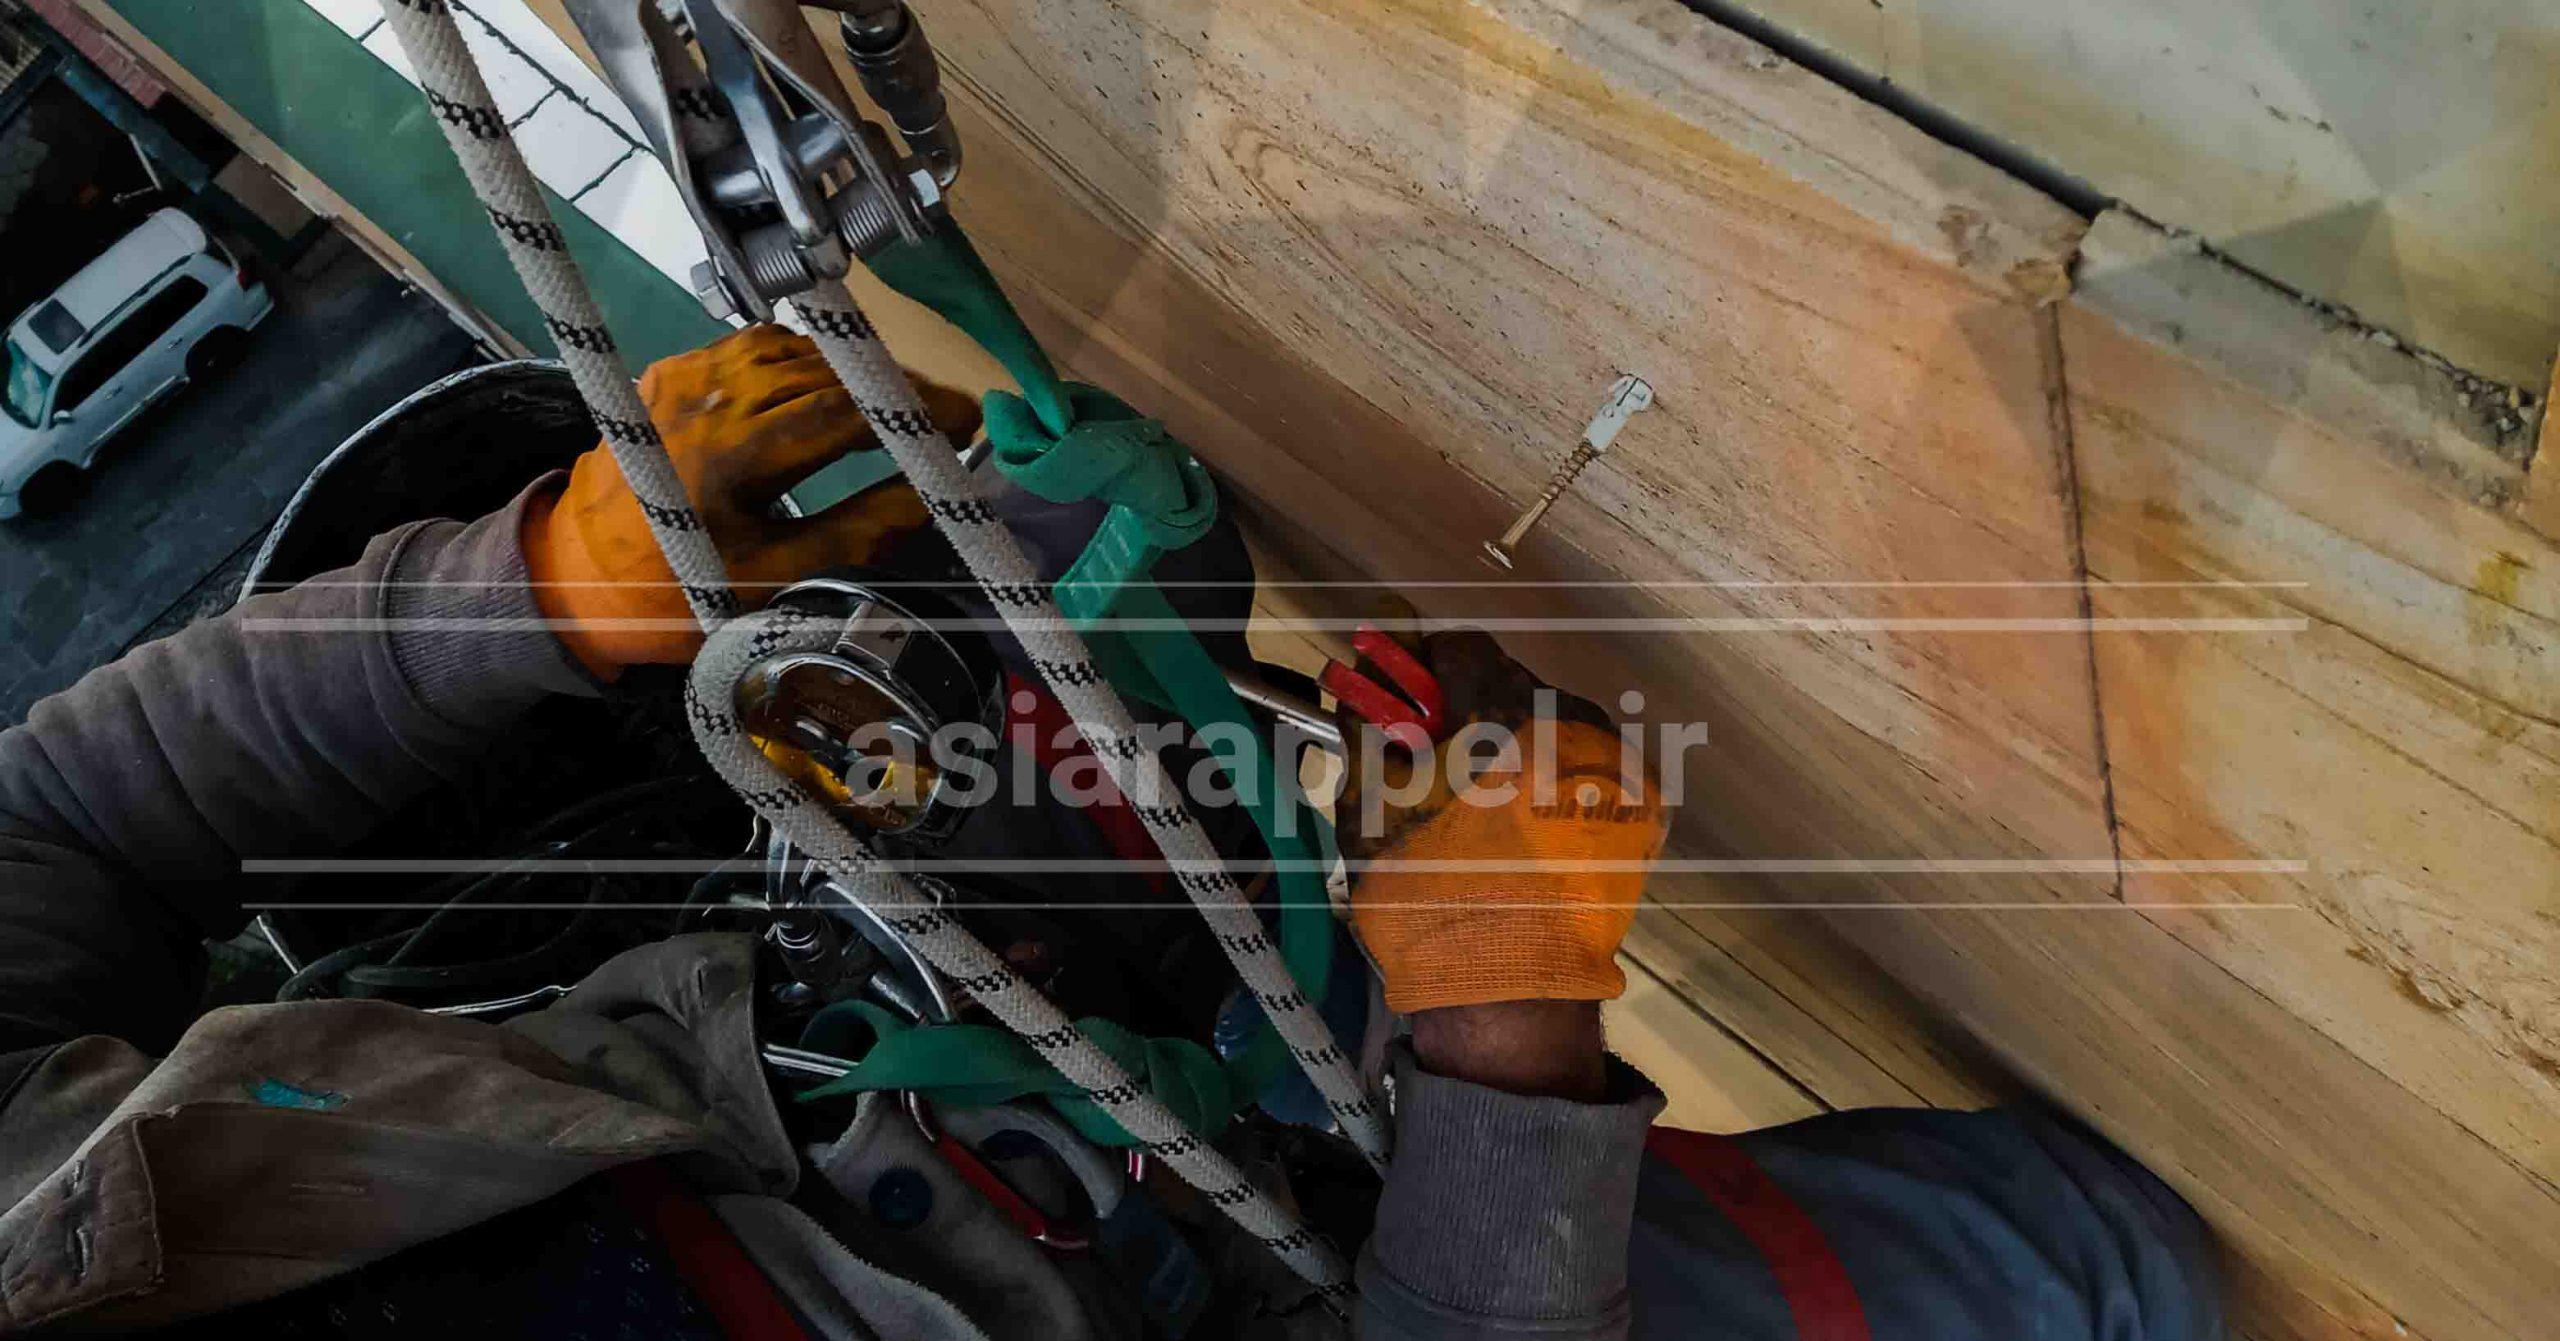 پیچ و رولپلاک نما در مشهد یکی از خدمات بسیار ارزان شرکت تهران راپل در مشهد می باشد.